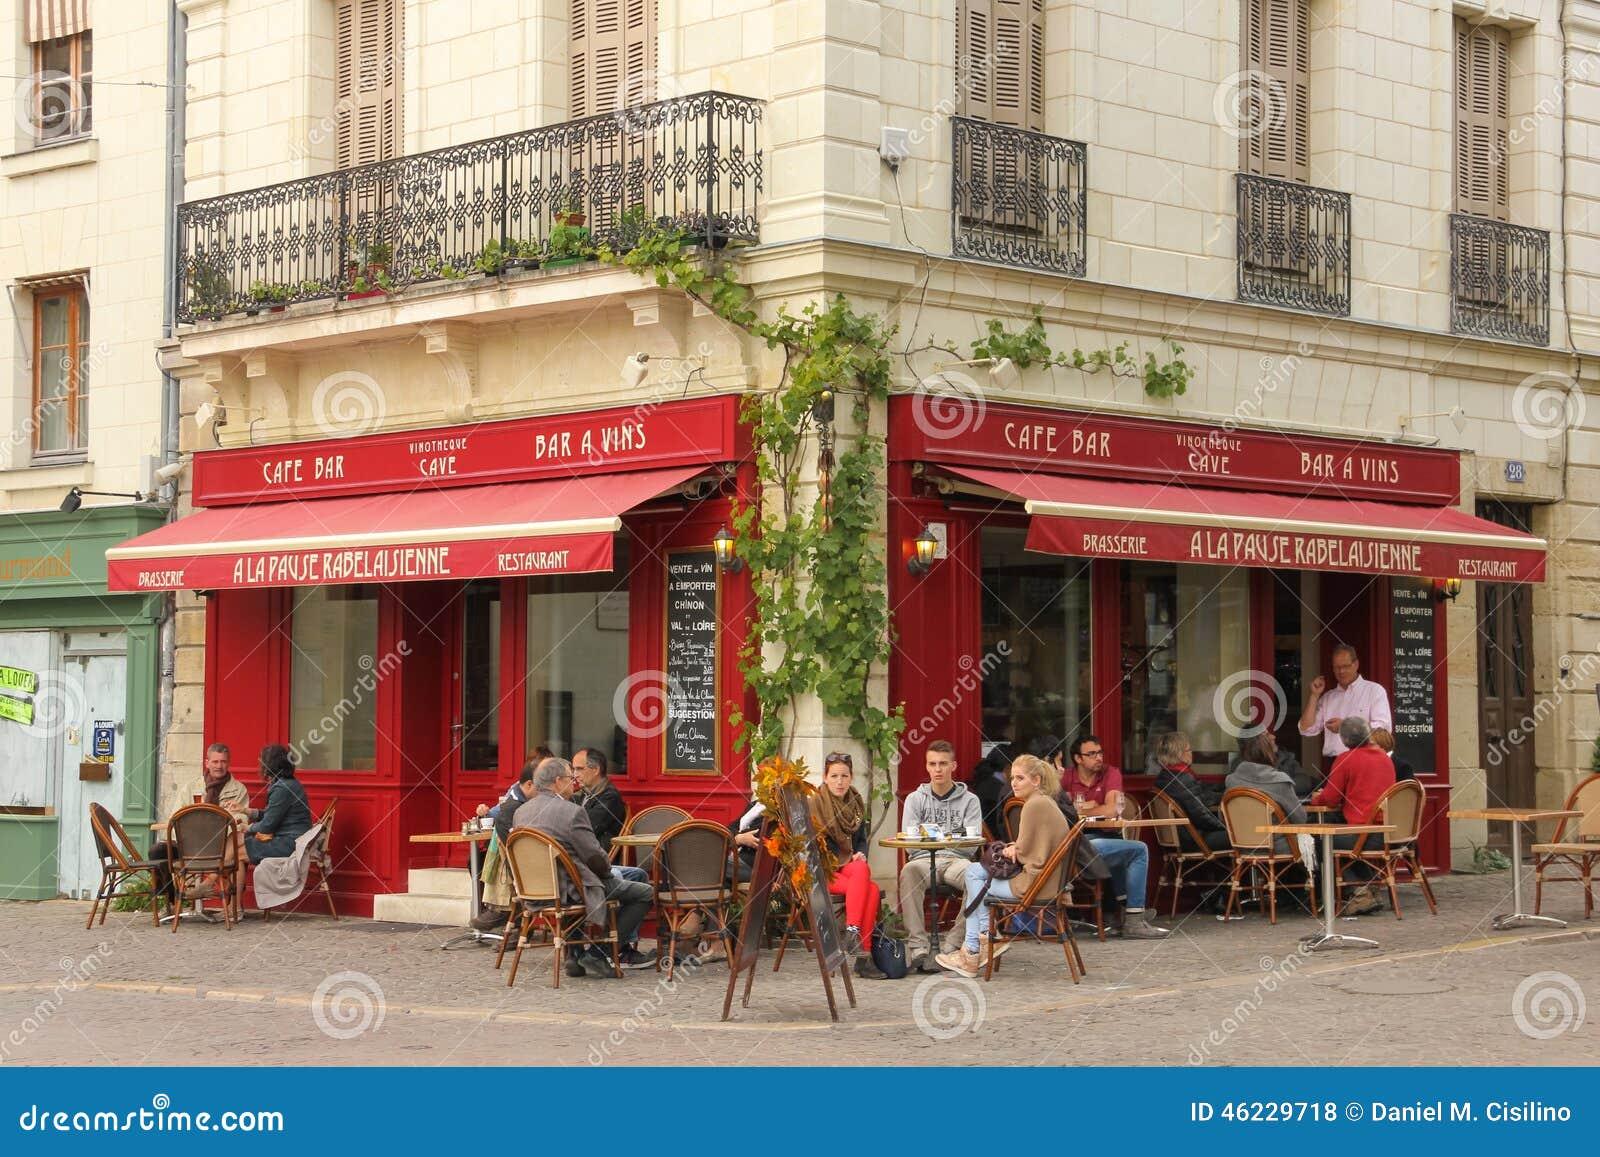 Cafe Legal France